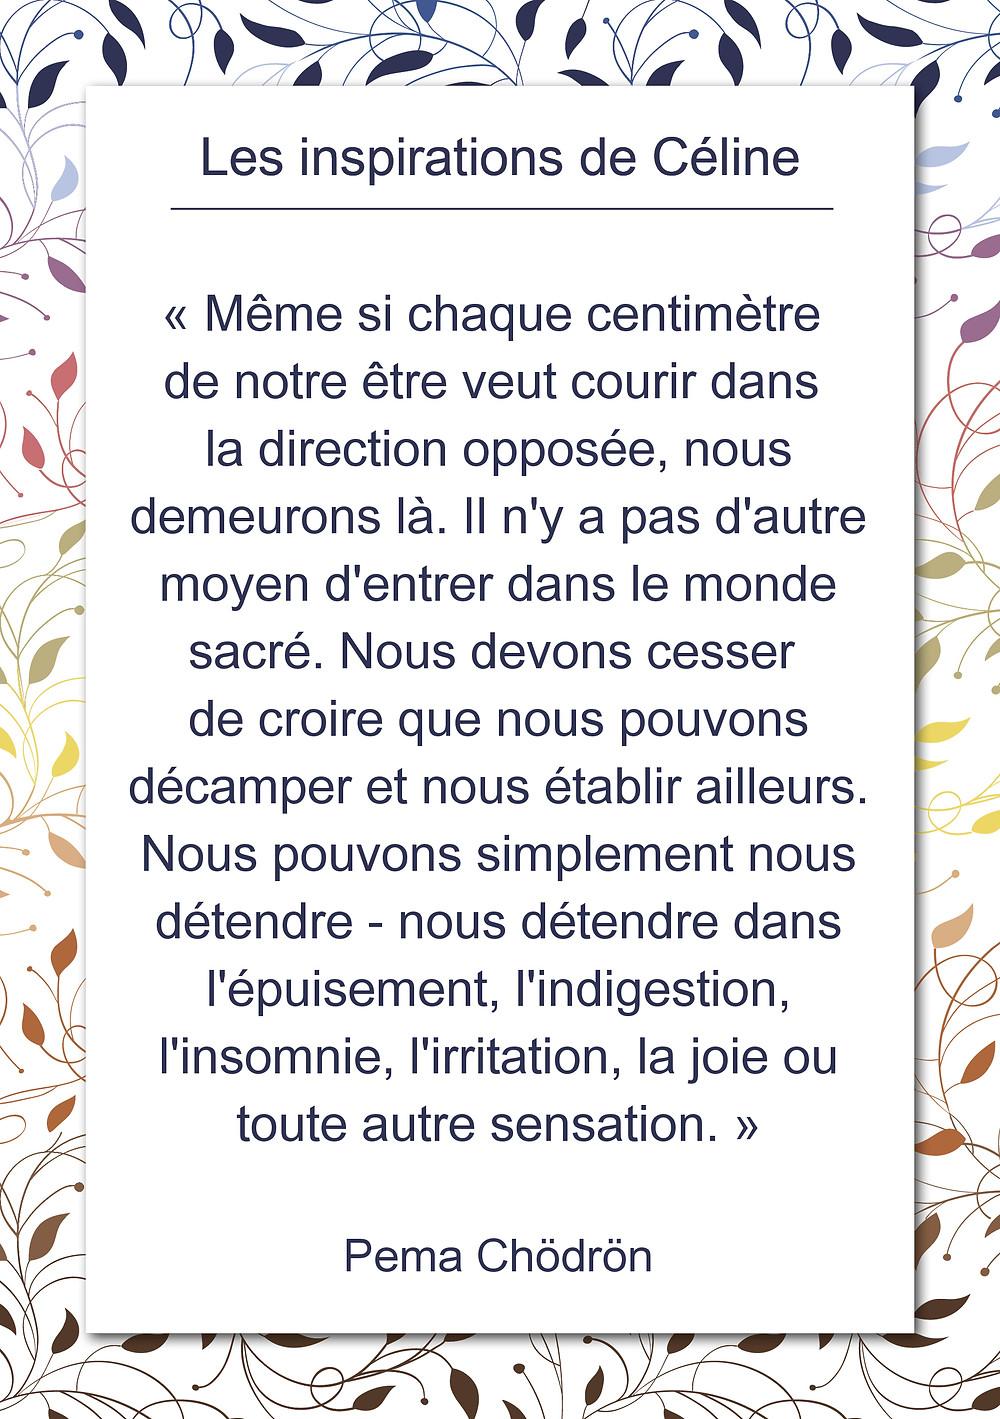 Les inspirations de Céline Kempf, citation de Pema Chödrön sur le fait de se détendre en présence de ce qui est.